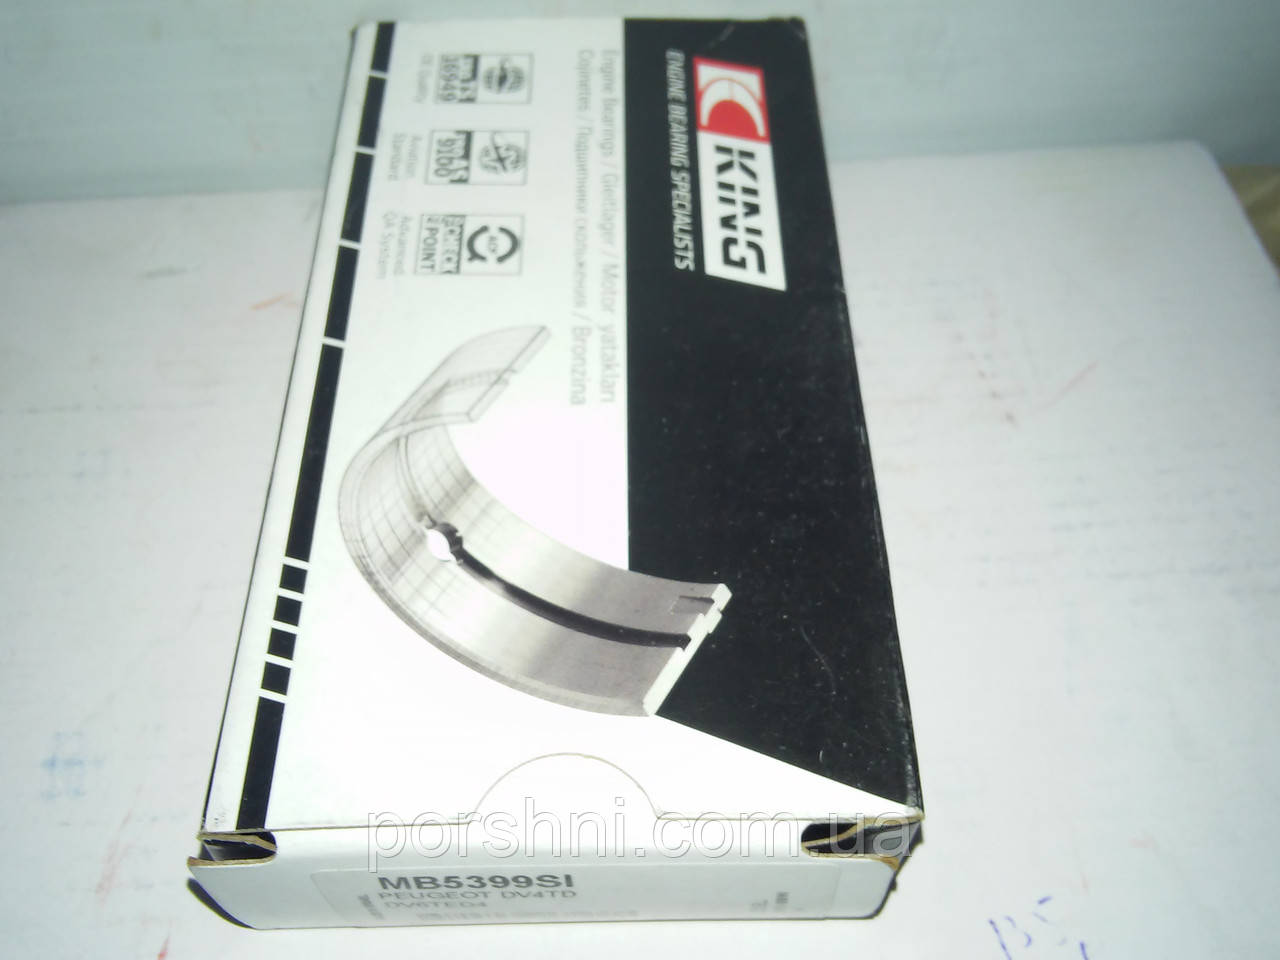 Вкладыши коренные Ford Fiesta  1.4 TDCI  2001 > 1,6 TDCI  0.30    King  MB5399SI 0.30